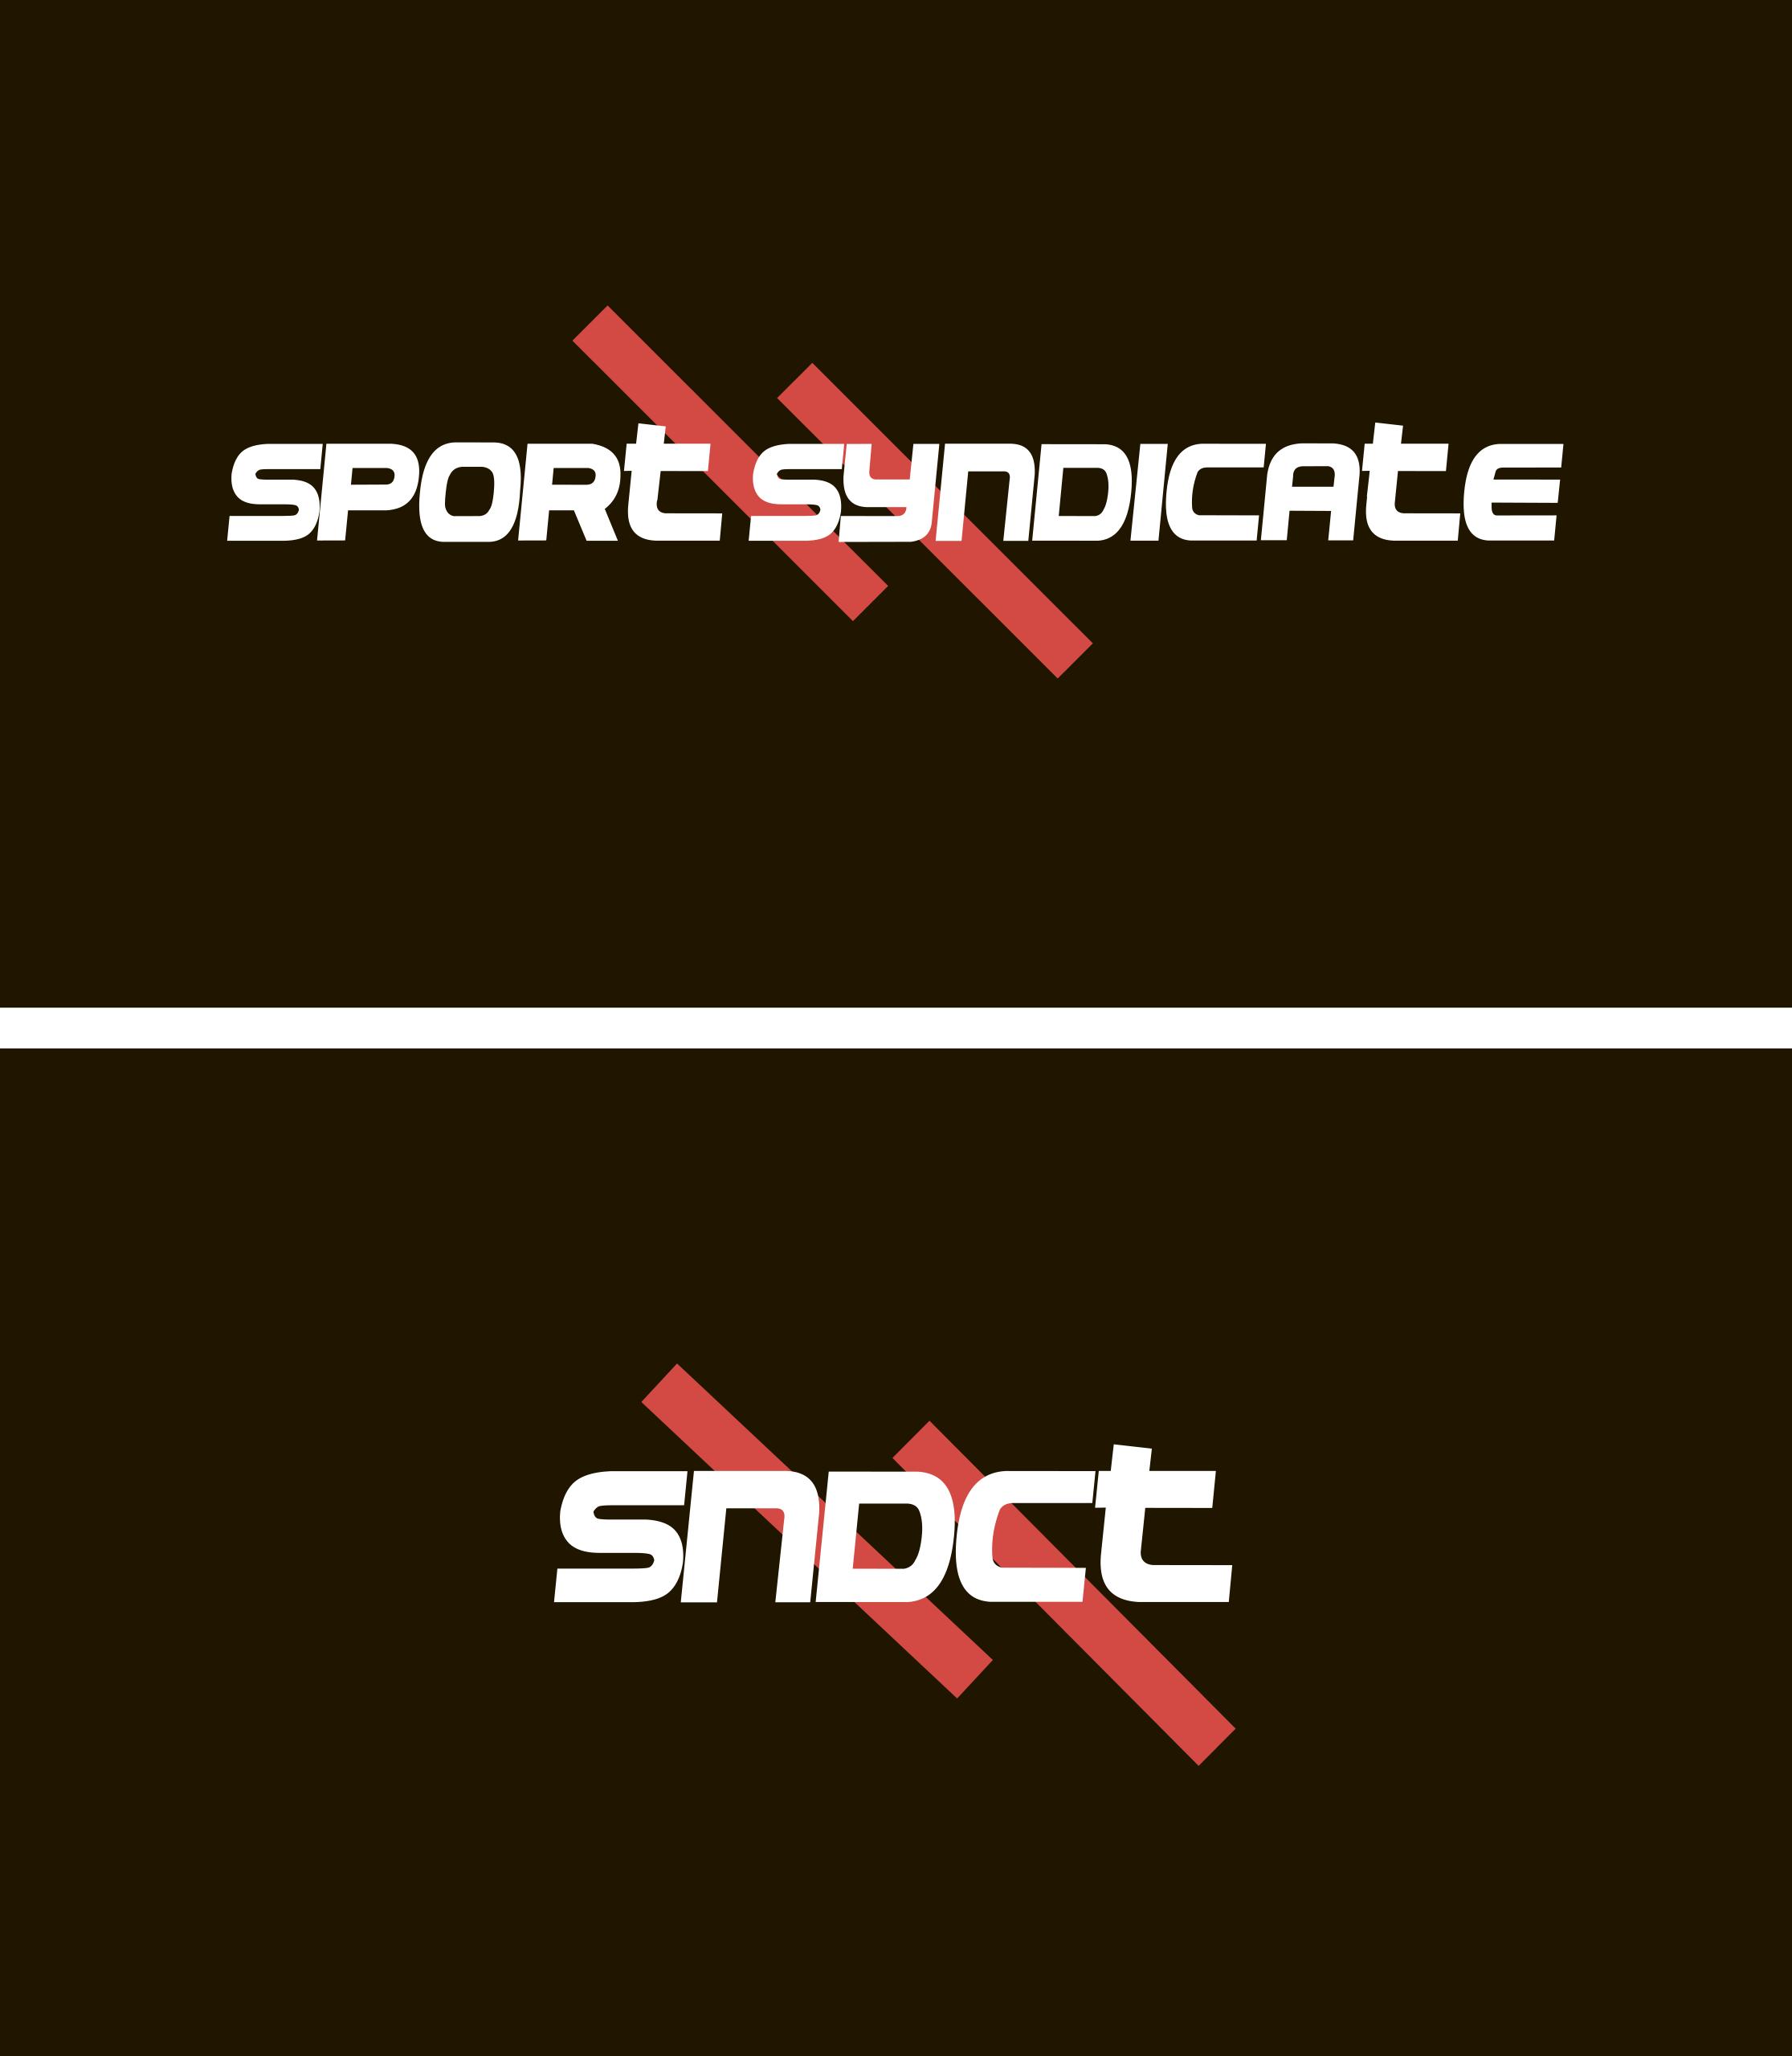 Создать логотип для сети магазинов спортивного питания фото f_09259707f8db7b59.png